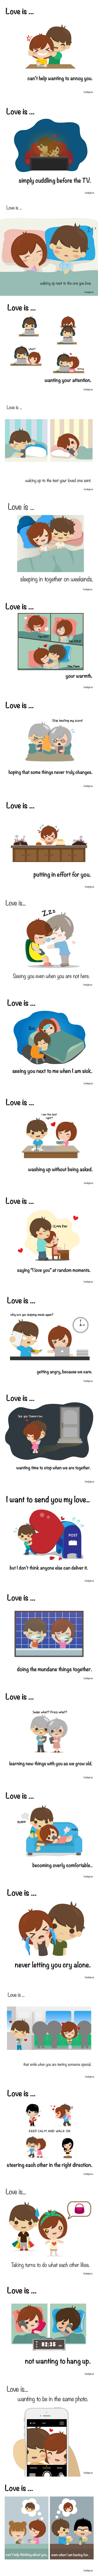 Love is in the little things (via LoveByte)